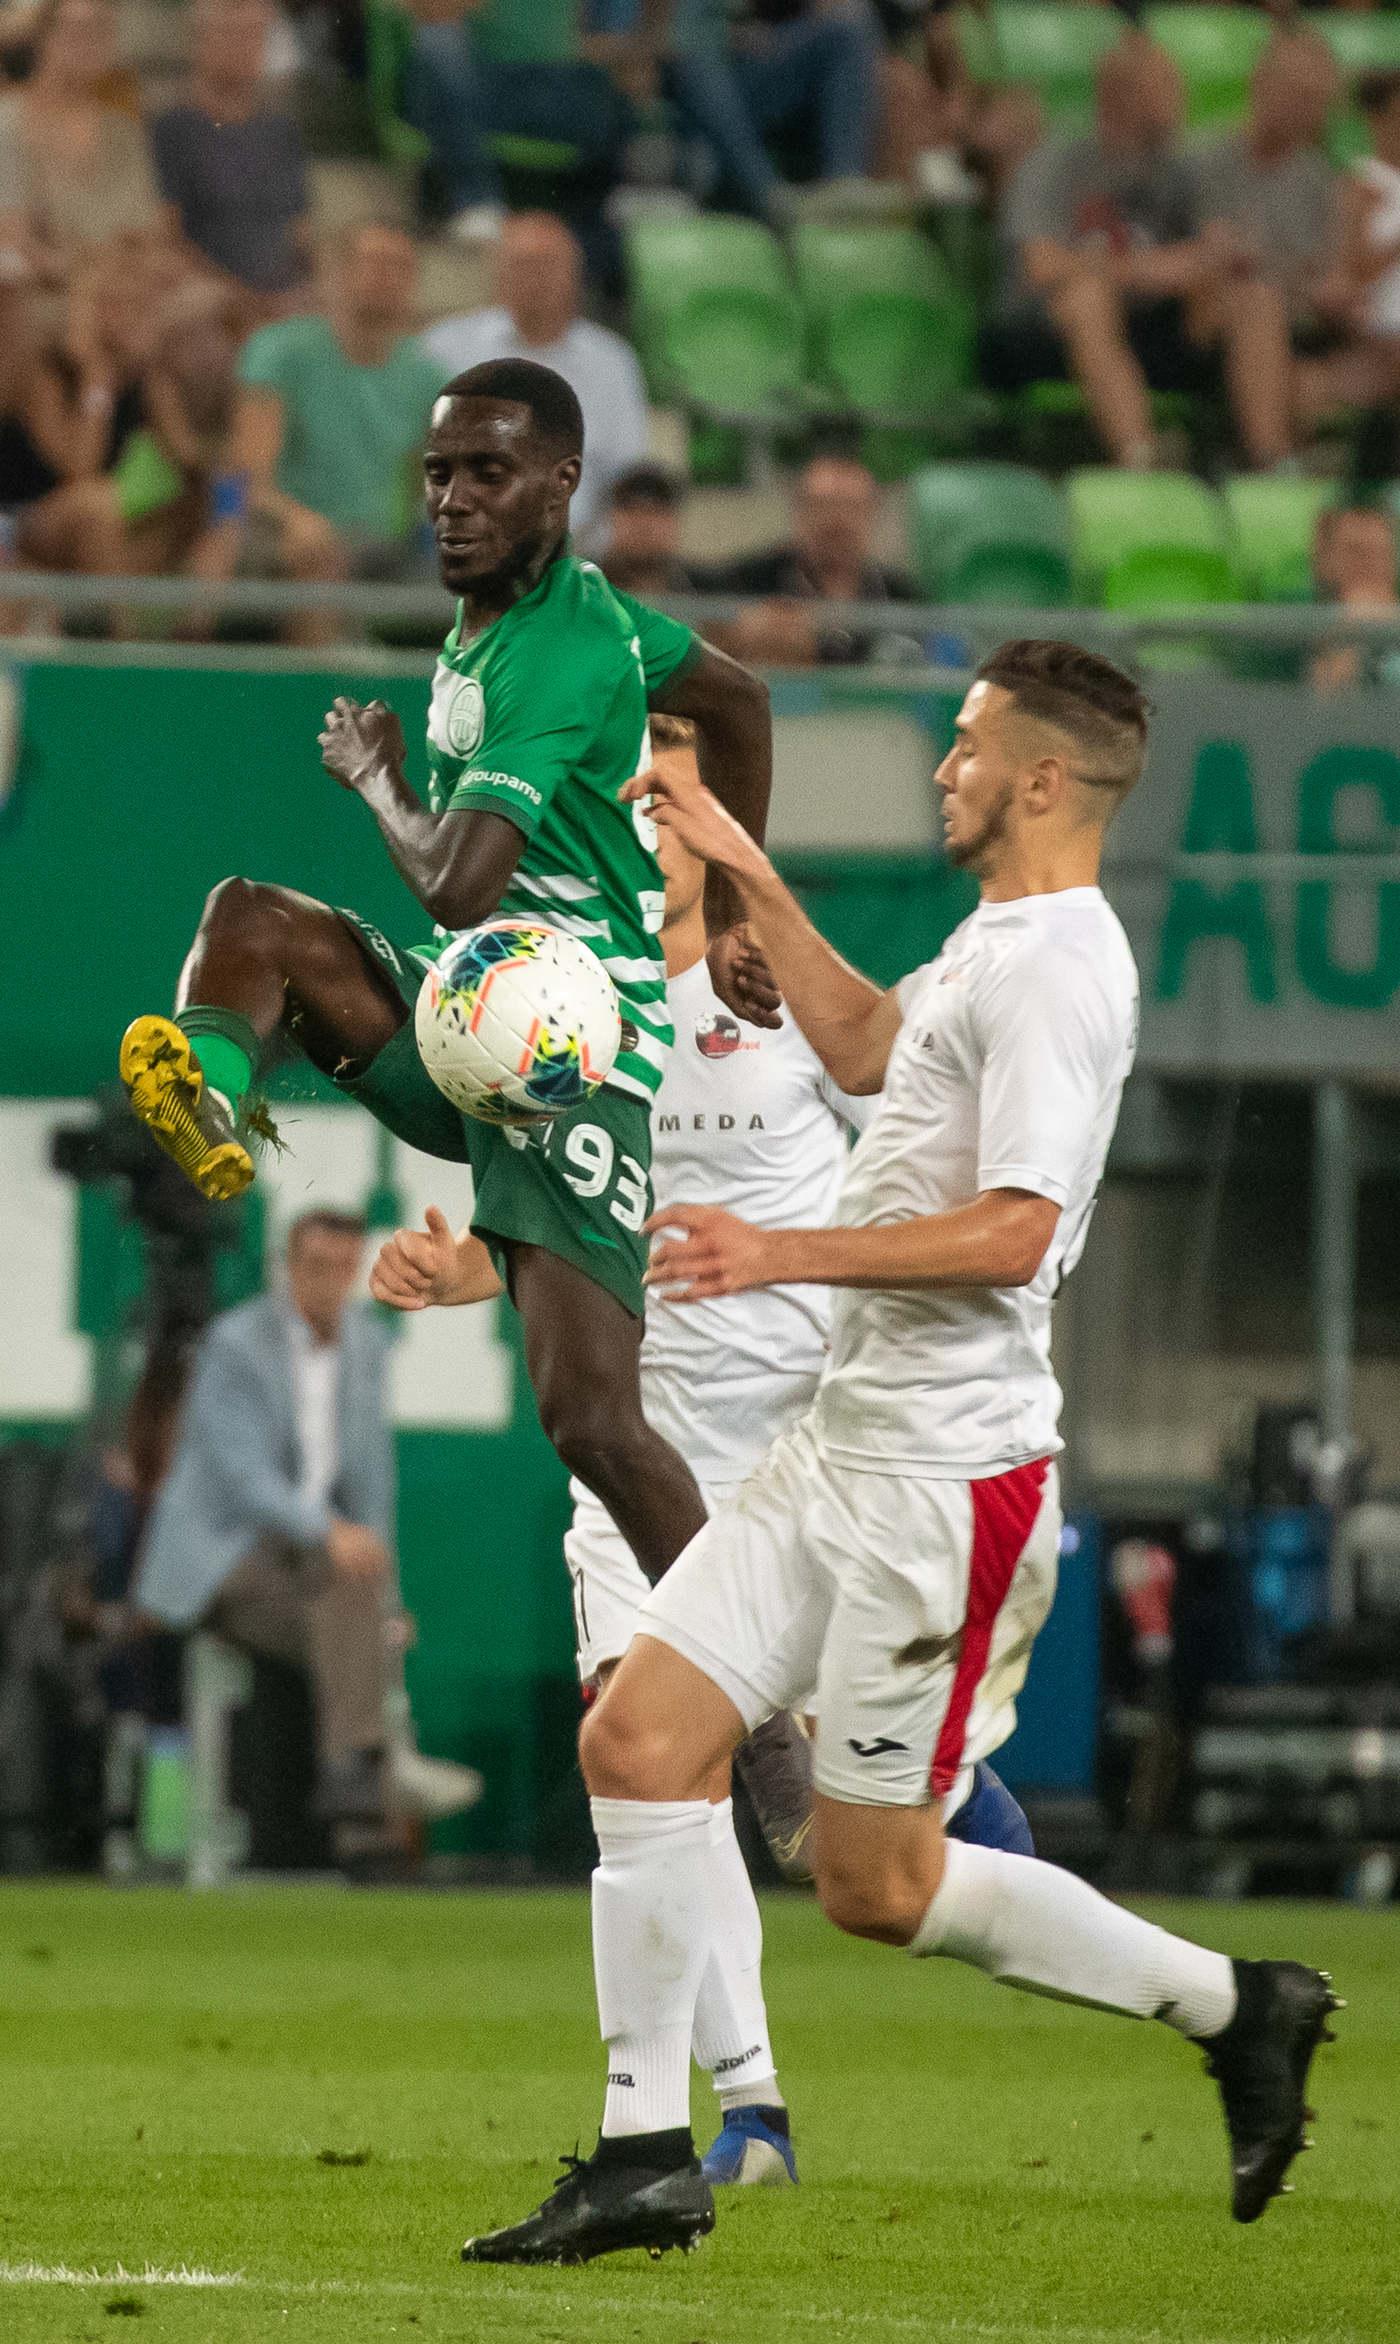 Augusztus: Tizennégy meccset focizott nemzetközi porondon az FTC: A magyar bajnokot a BL-ben a Dinamo Zagreb búcsúztatta, ezt követően azonban bejutott az Eeurópa-liga főtáblájára a gárda, ott pedig jét ponttal csoportharmadik lett.